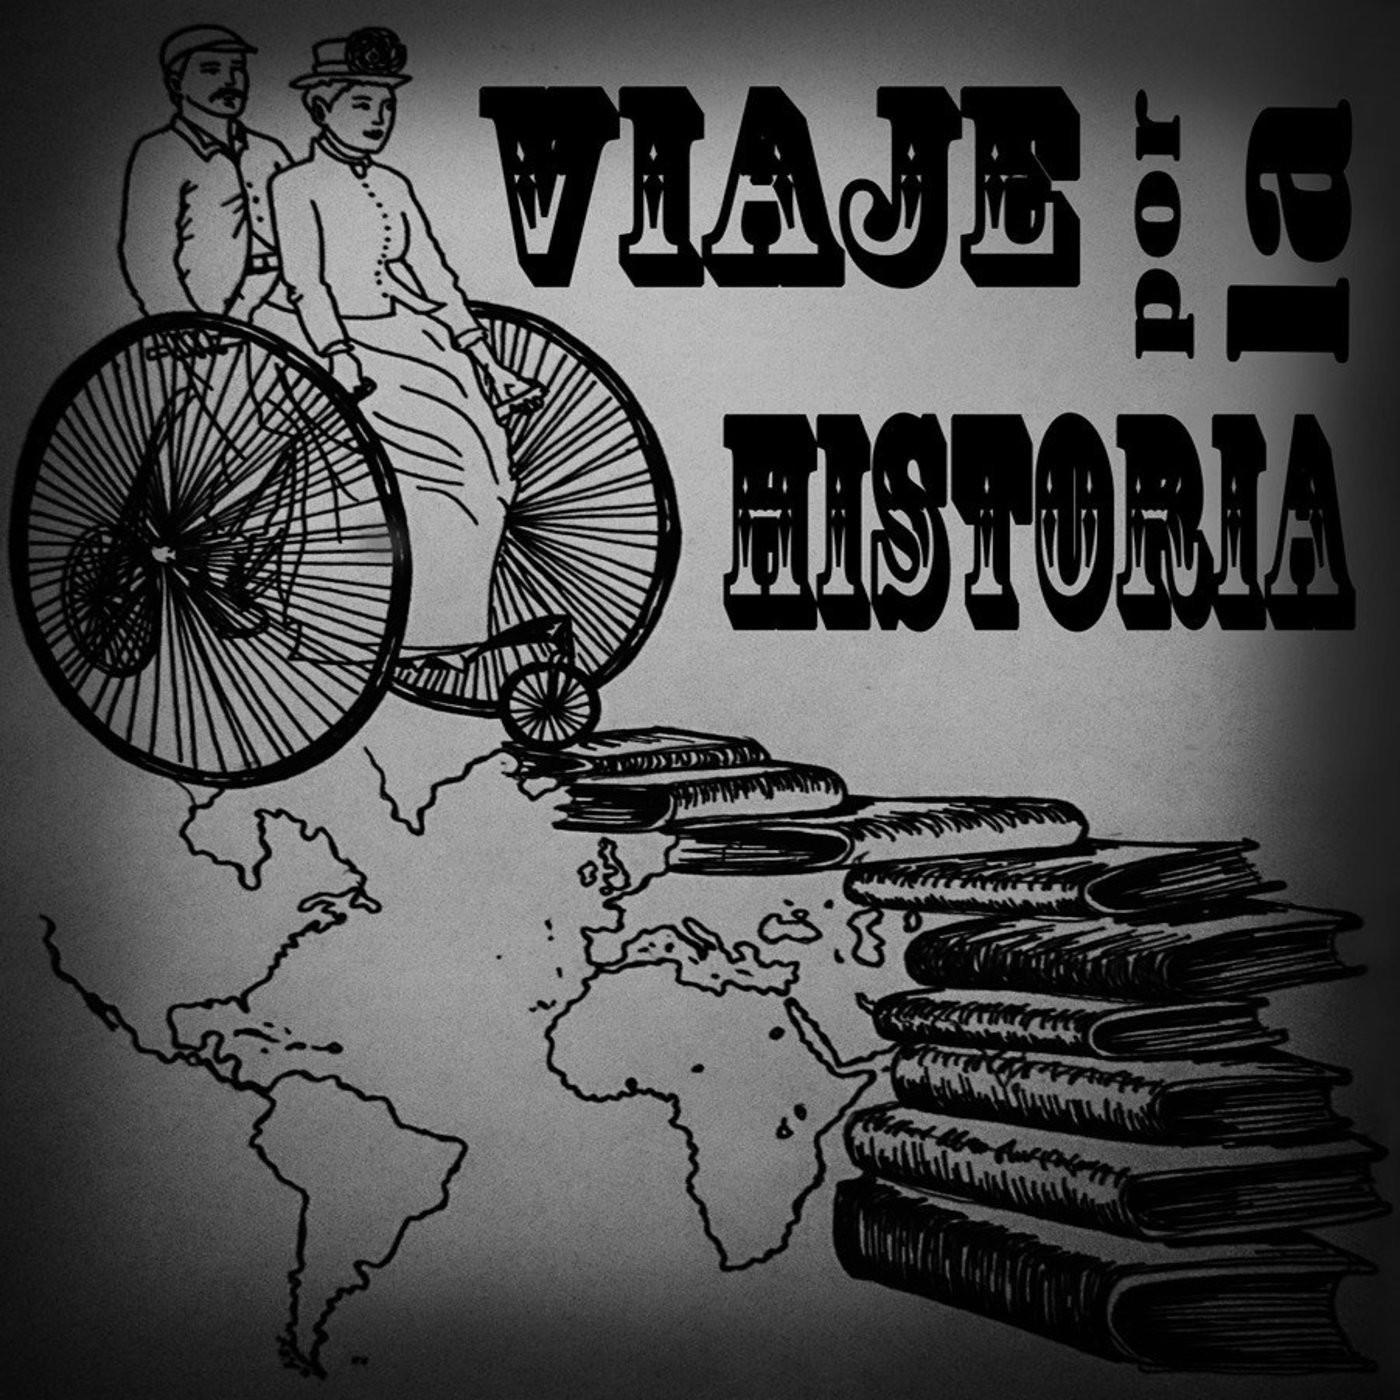 Emiliano Zapata y la Revolución Mexicana (15/04/2016)